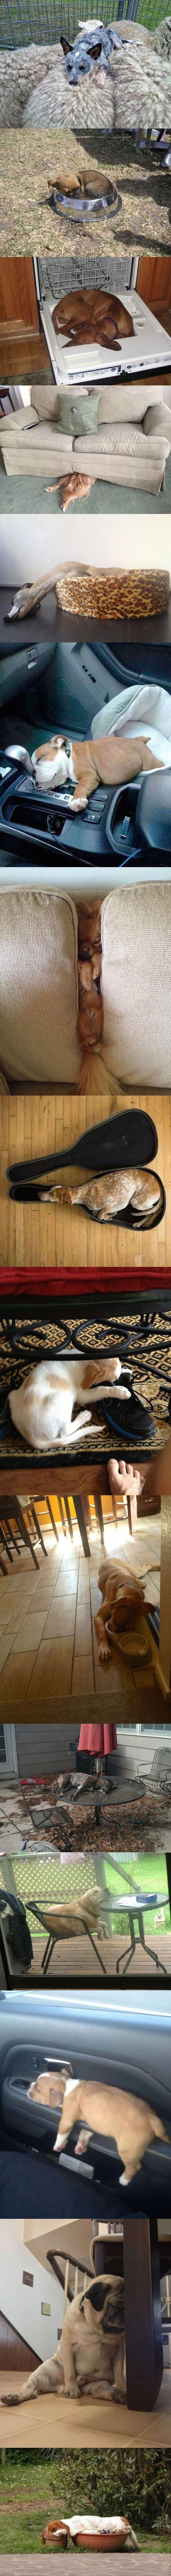 Hunde und ihre bequemen Schlafplätze #cutecreatures